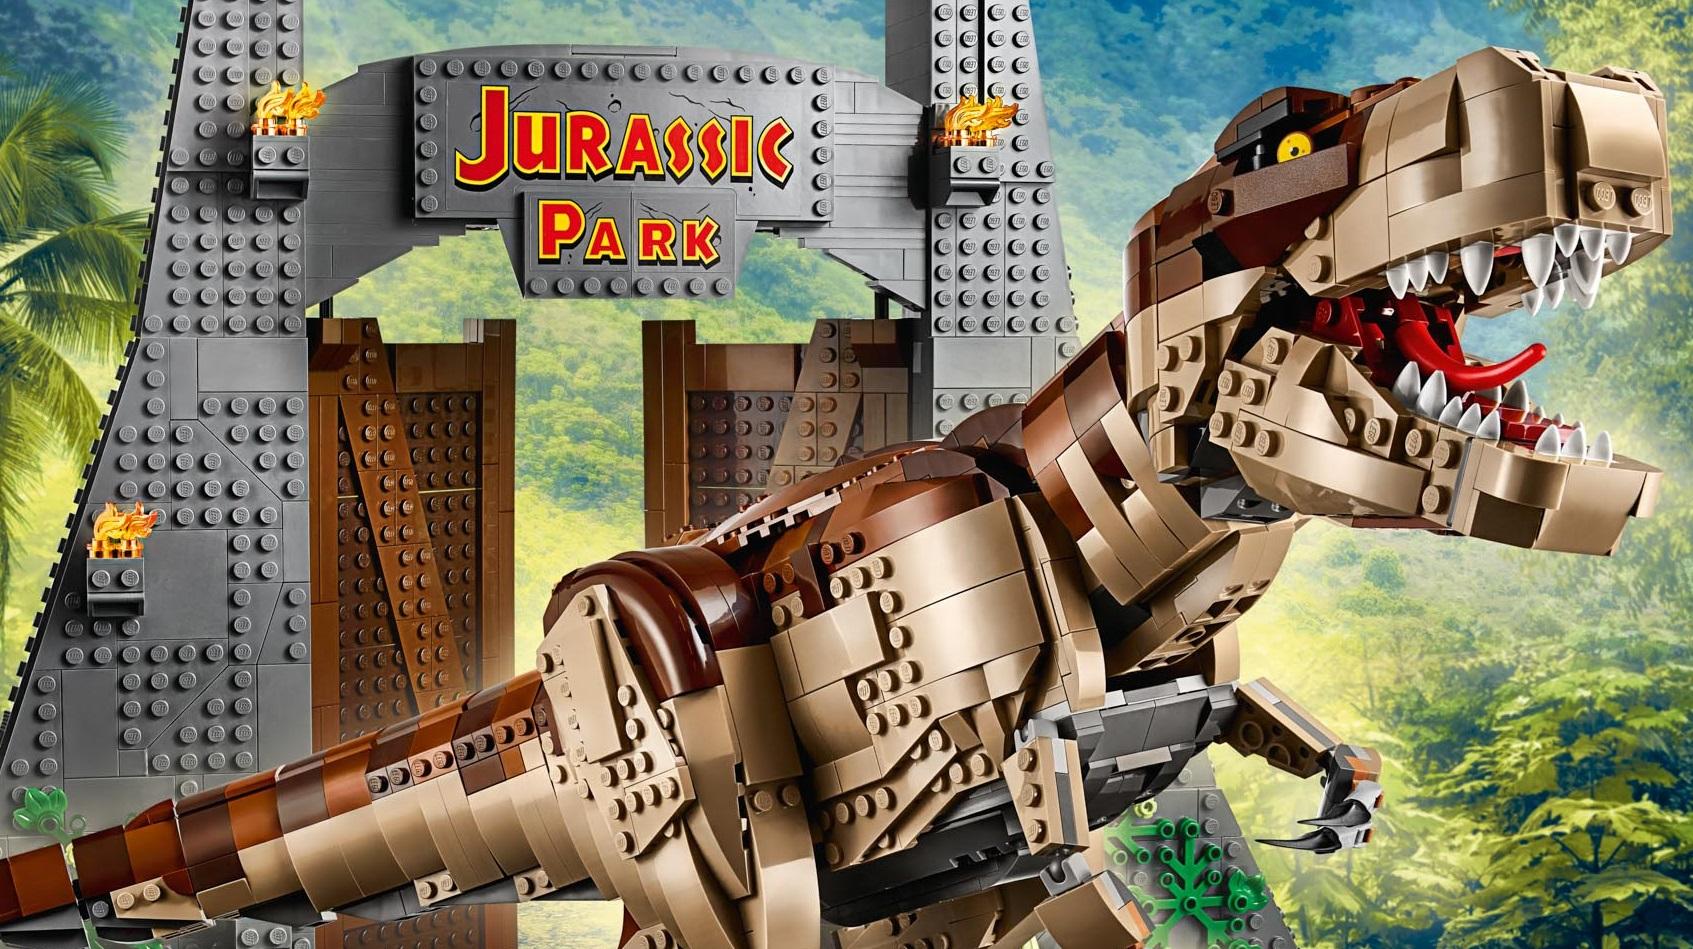 szmk_lego_jurassic_park_steven_spilberg_trex_john_hammond_13.jpg